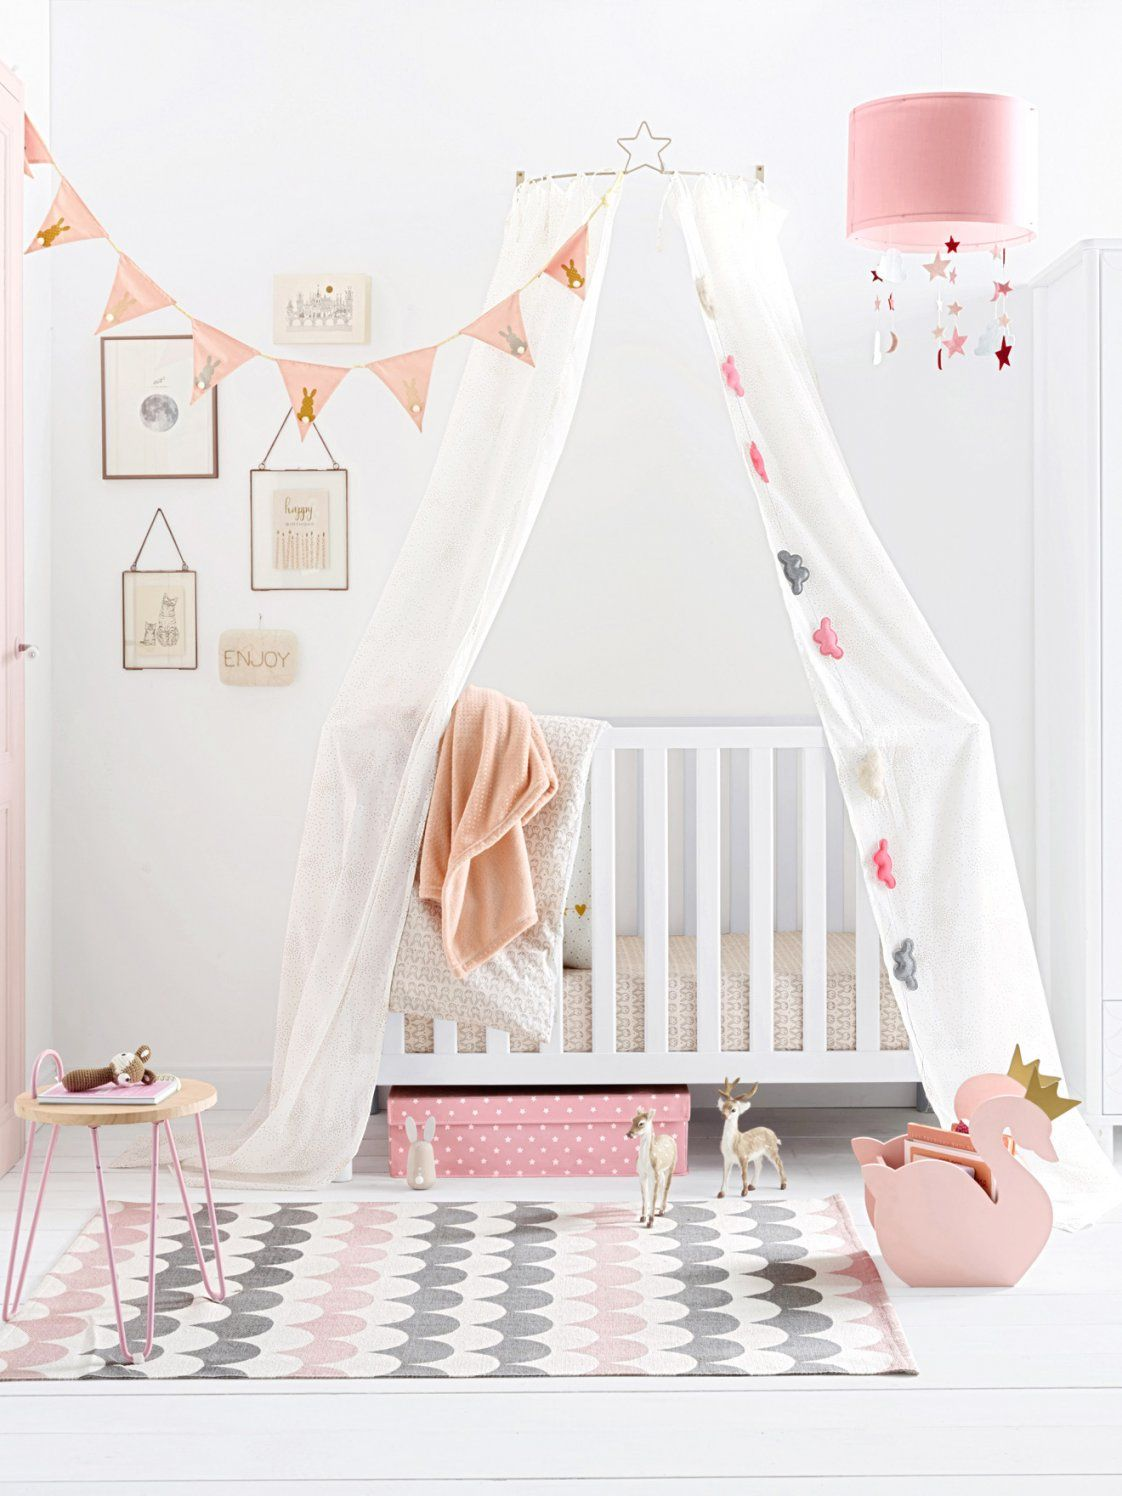 Betthimmel Halterung Wand Mit Vertbaudet Für Kinderbetten In Grau 2 von Betthimmel Kinderbett Selber Machen Photo